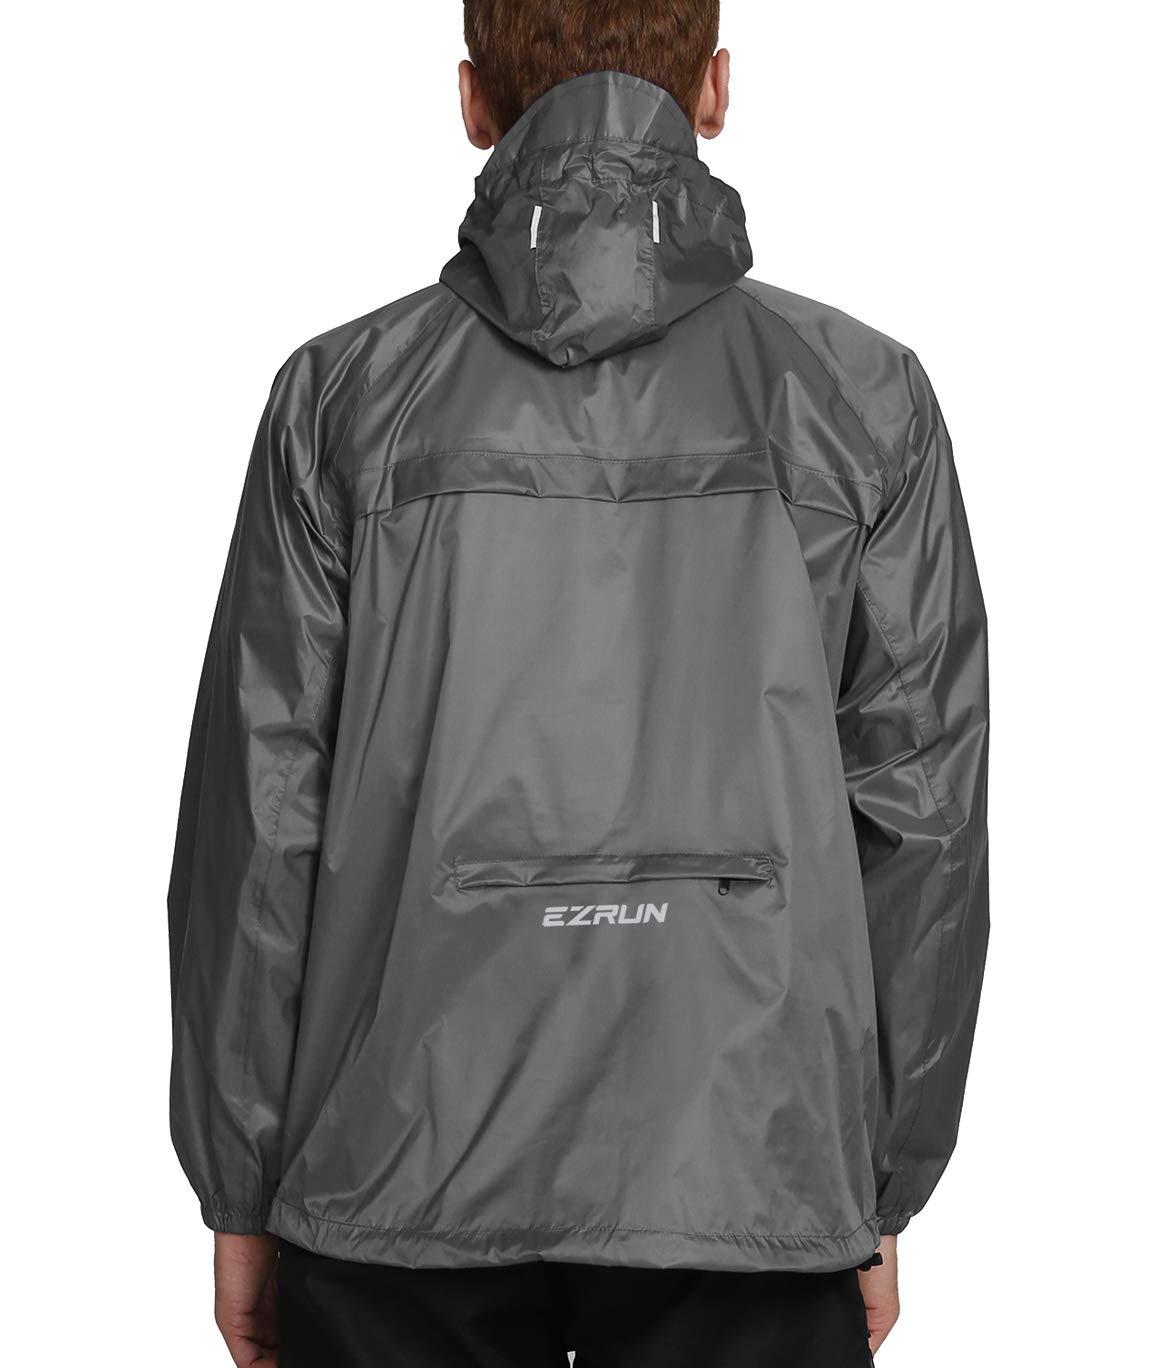 EZRUN Men's Waterproof Hooded Rain Jacket Windbreaker Lightweight Packable Raincoat(Silver Grey,L)